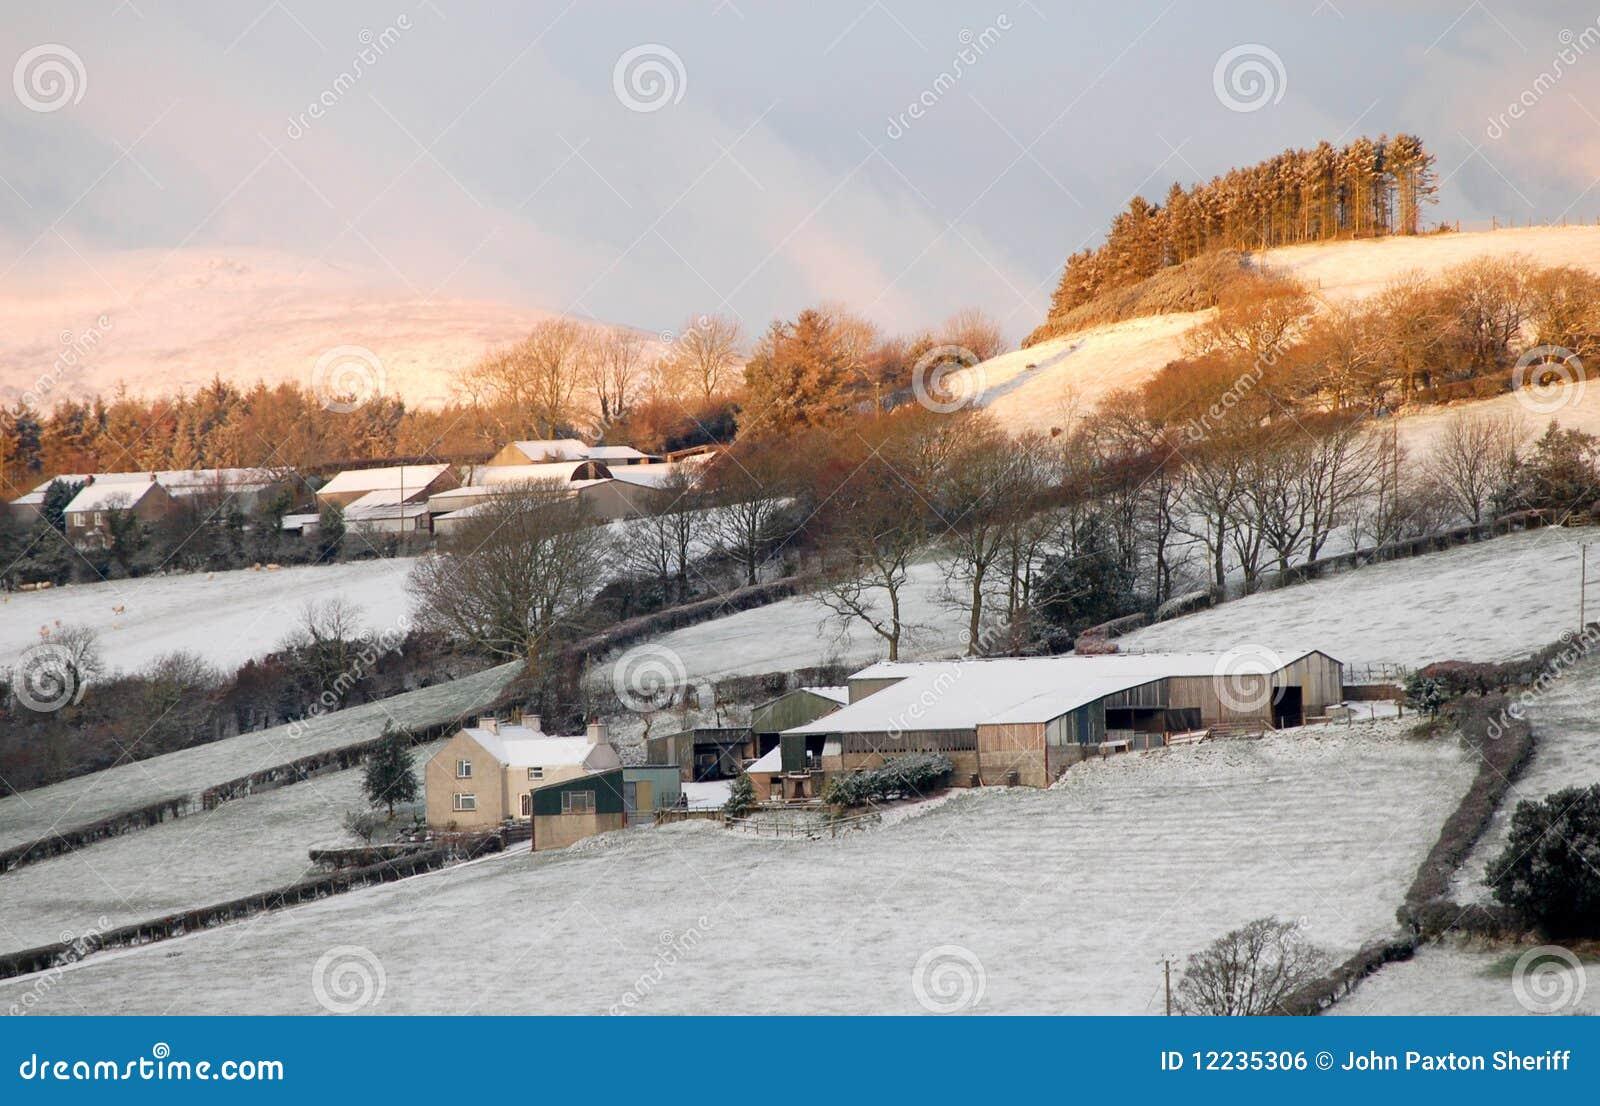 Fermes dans la neige